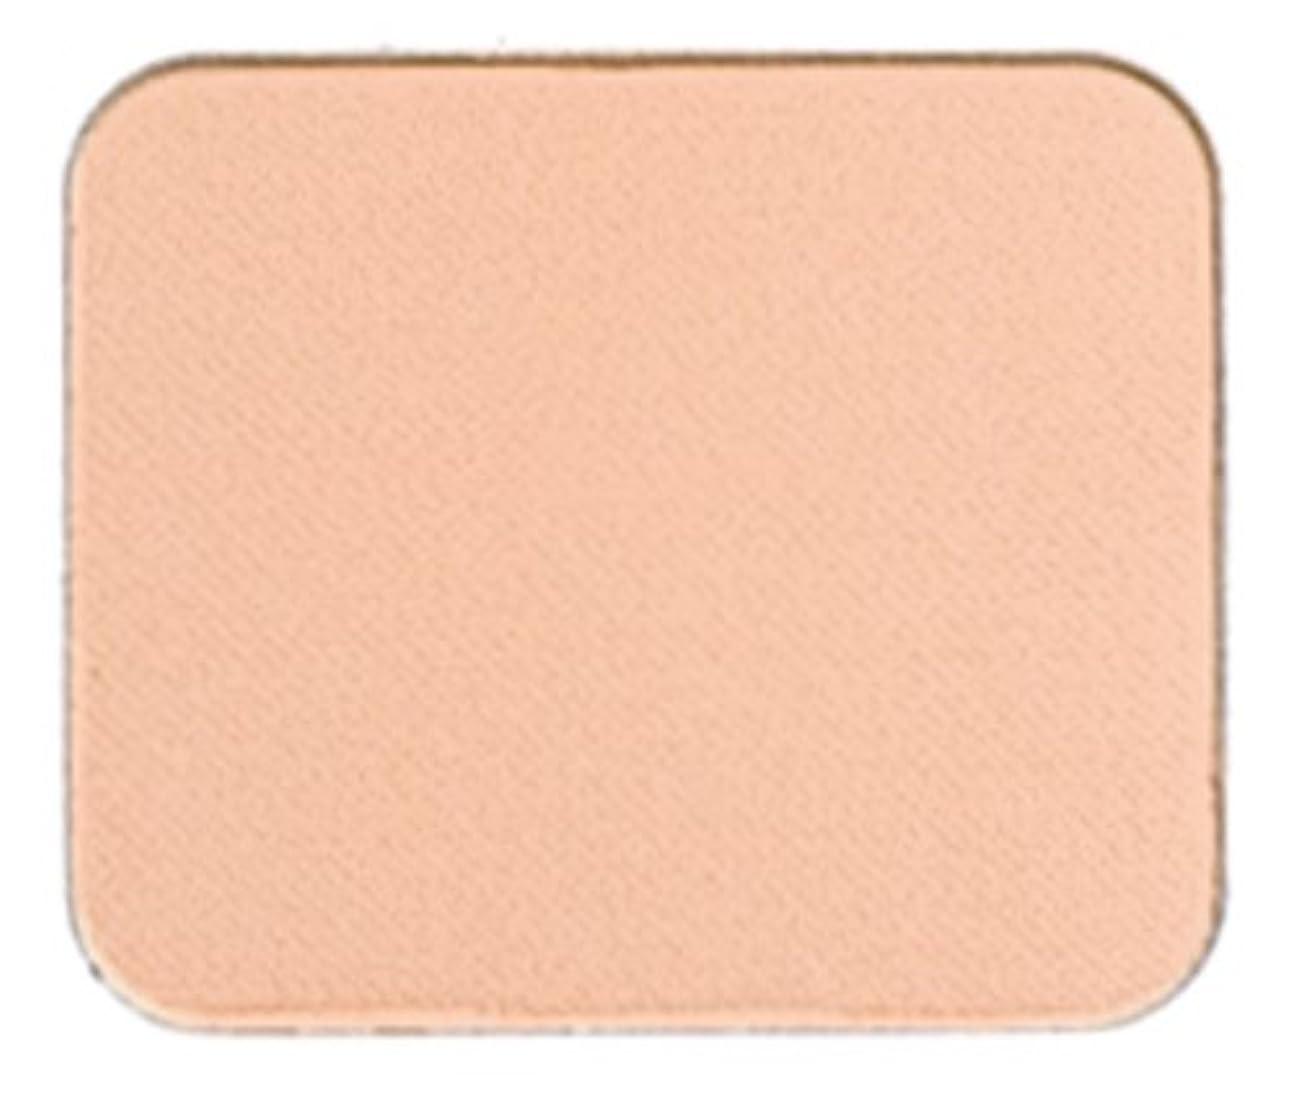 湿度みなすテスピアンドクターシーラボ BBパーフェクト ファンデーション WHITE377プラス レフィル ナチュラル2 (平均的な肌色) 12g SPF25 PA++